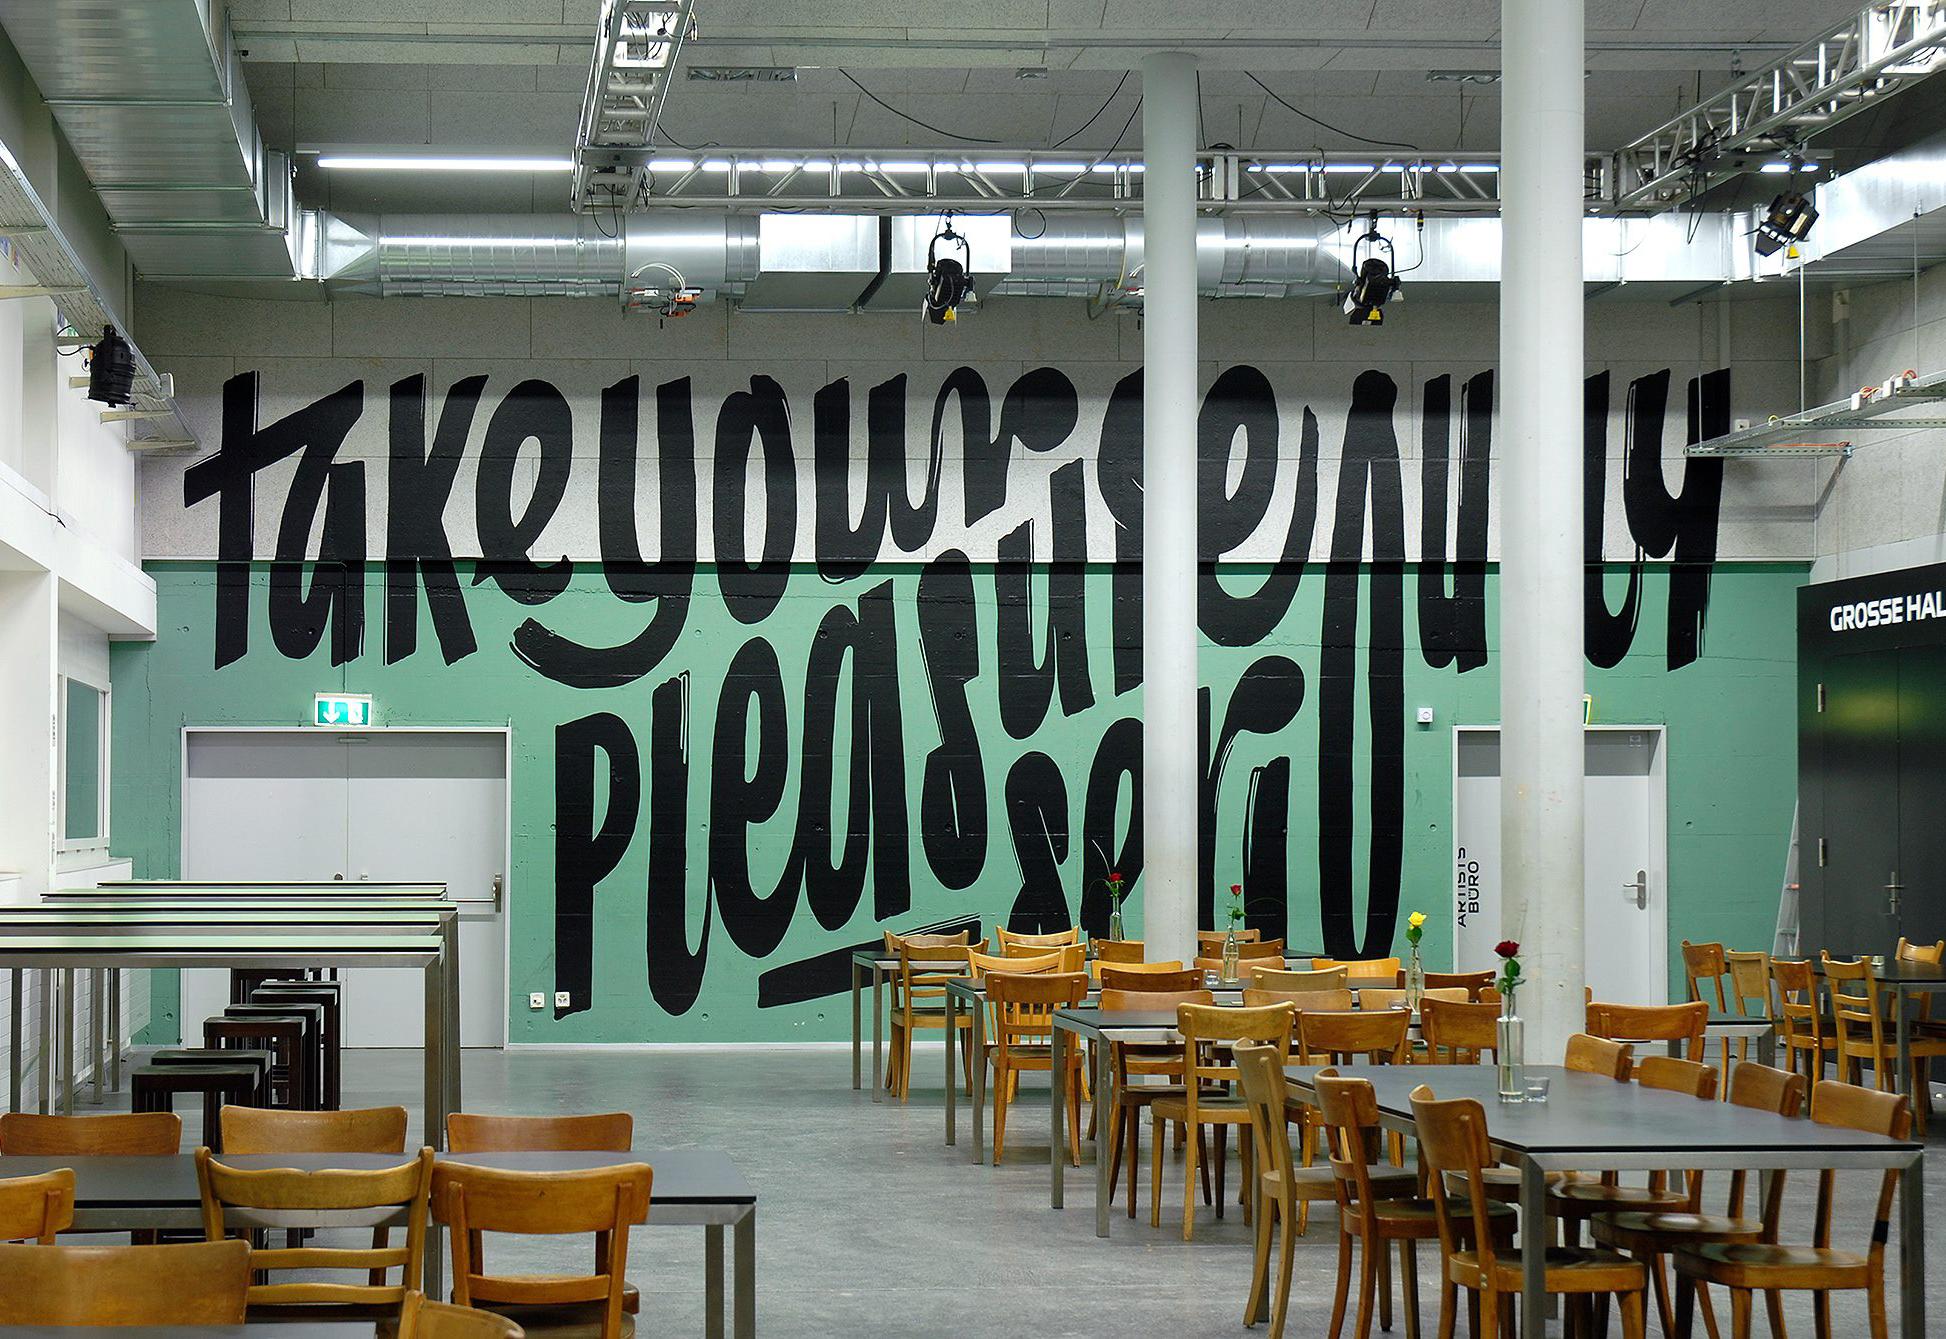 Take Your Pleasure Seriously Studio Feixen